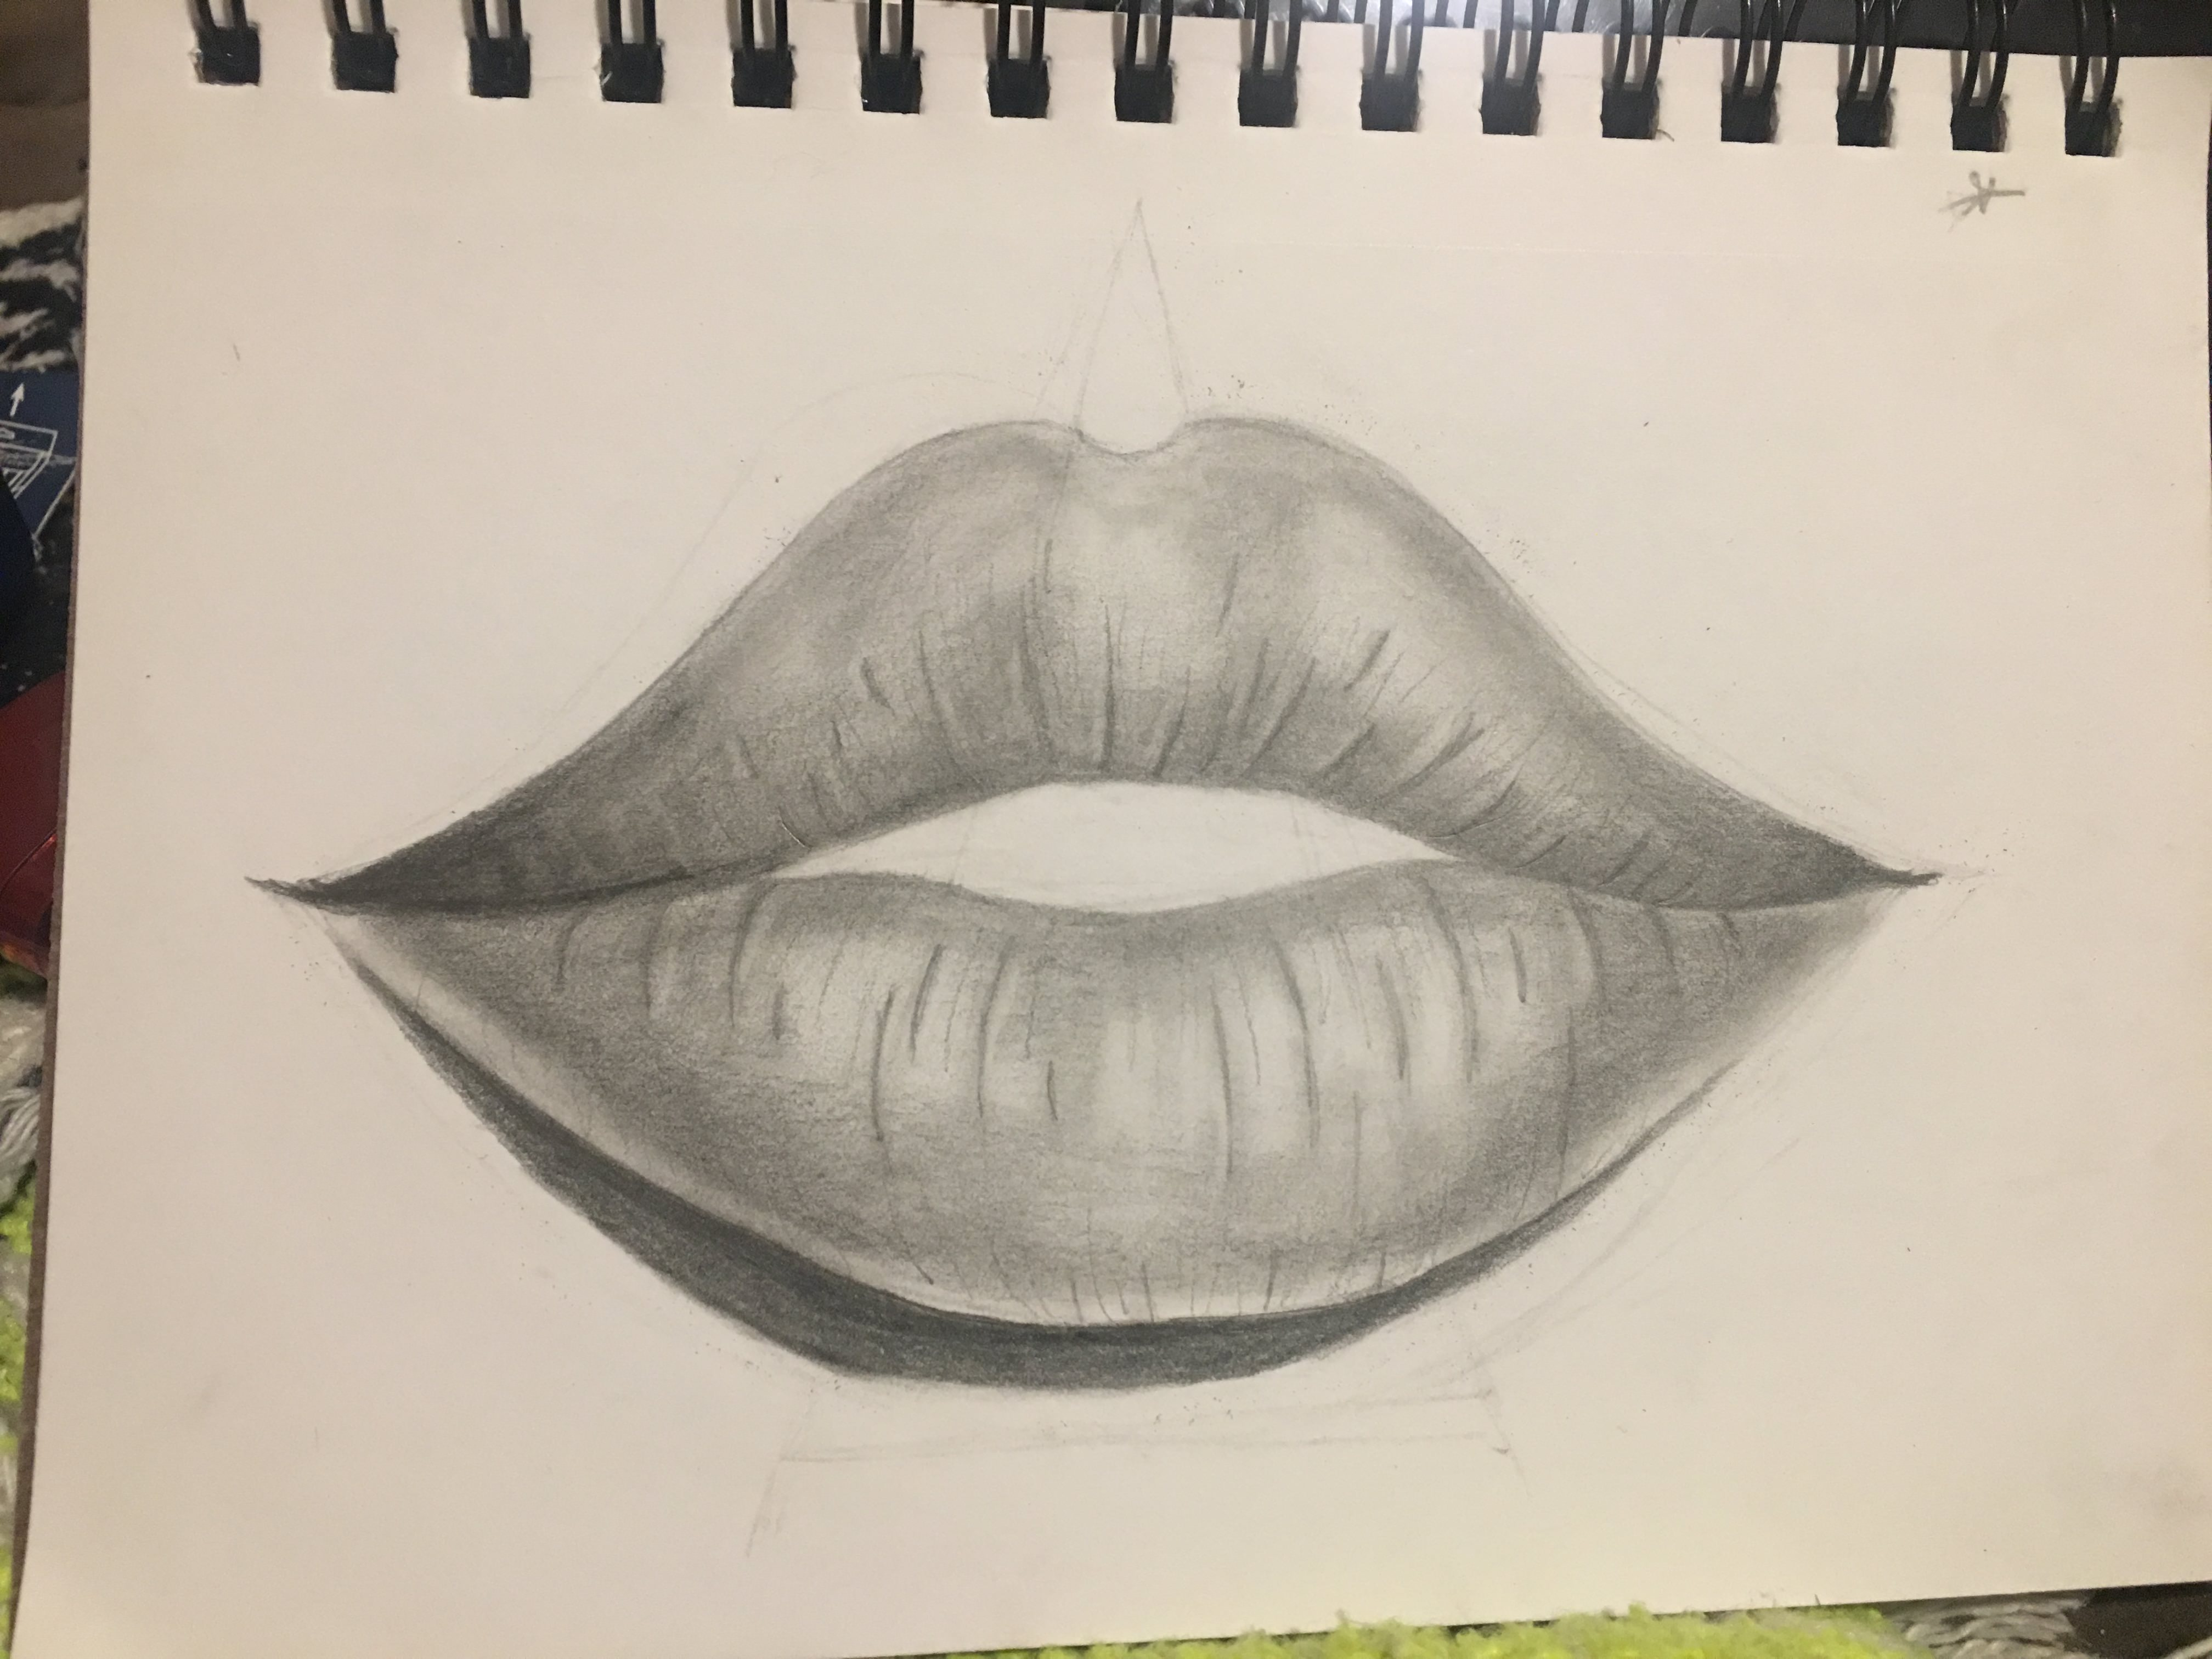 4032x3024 Full Lips